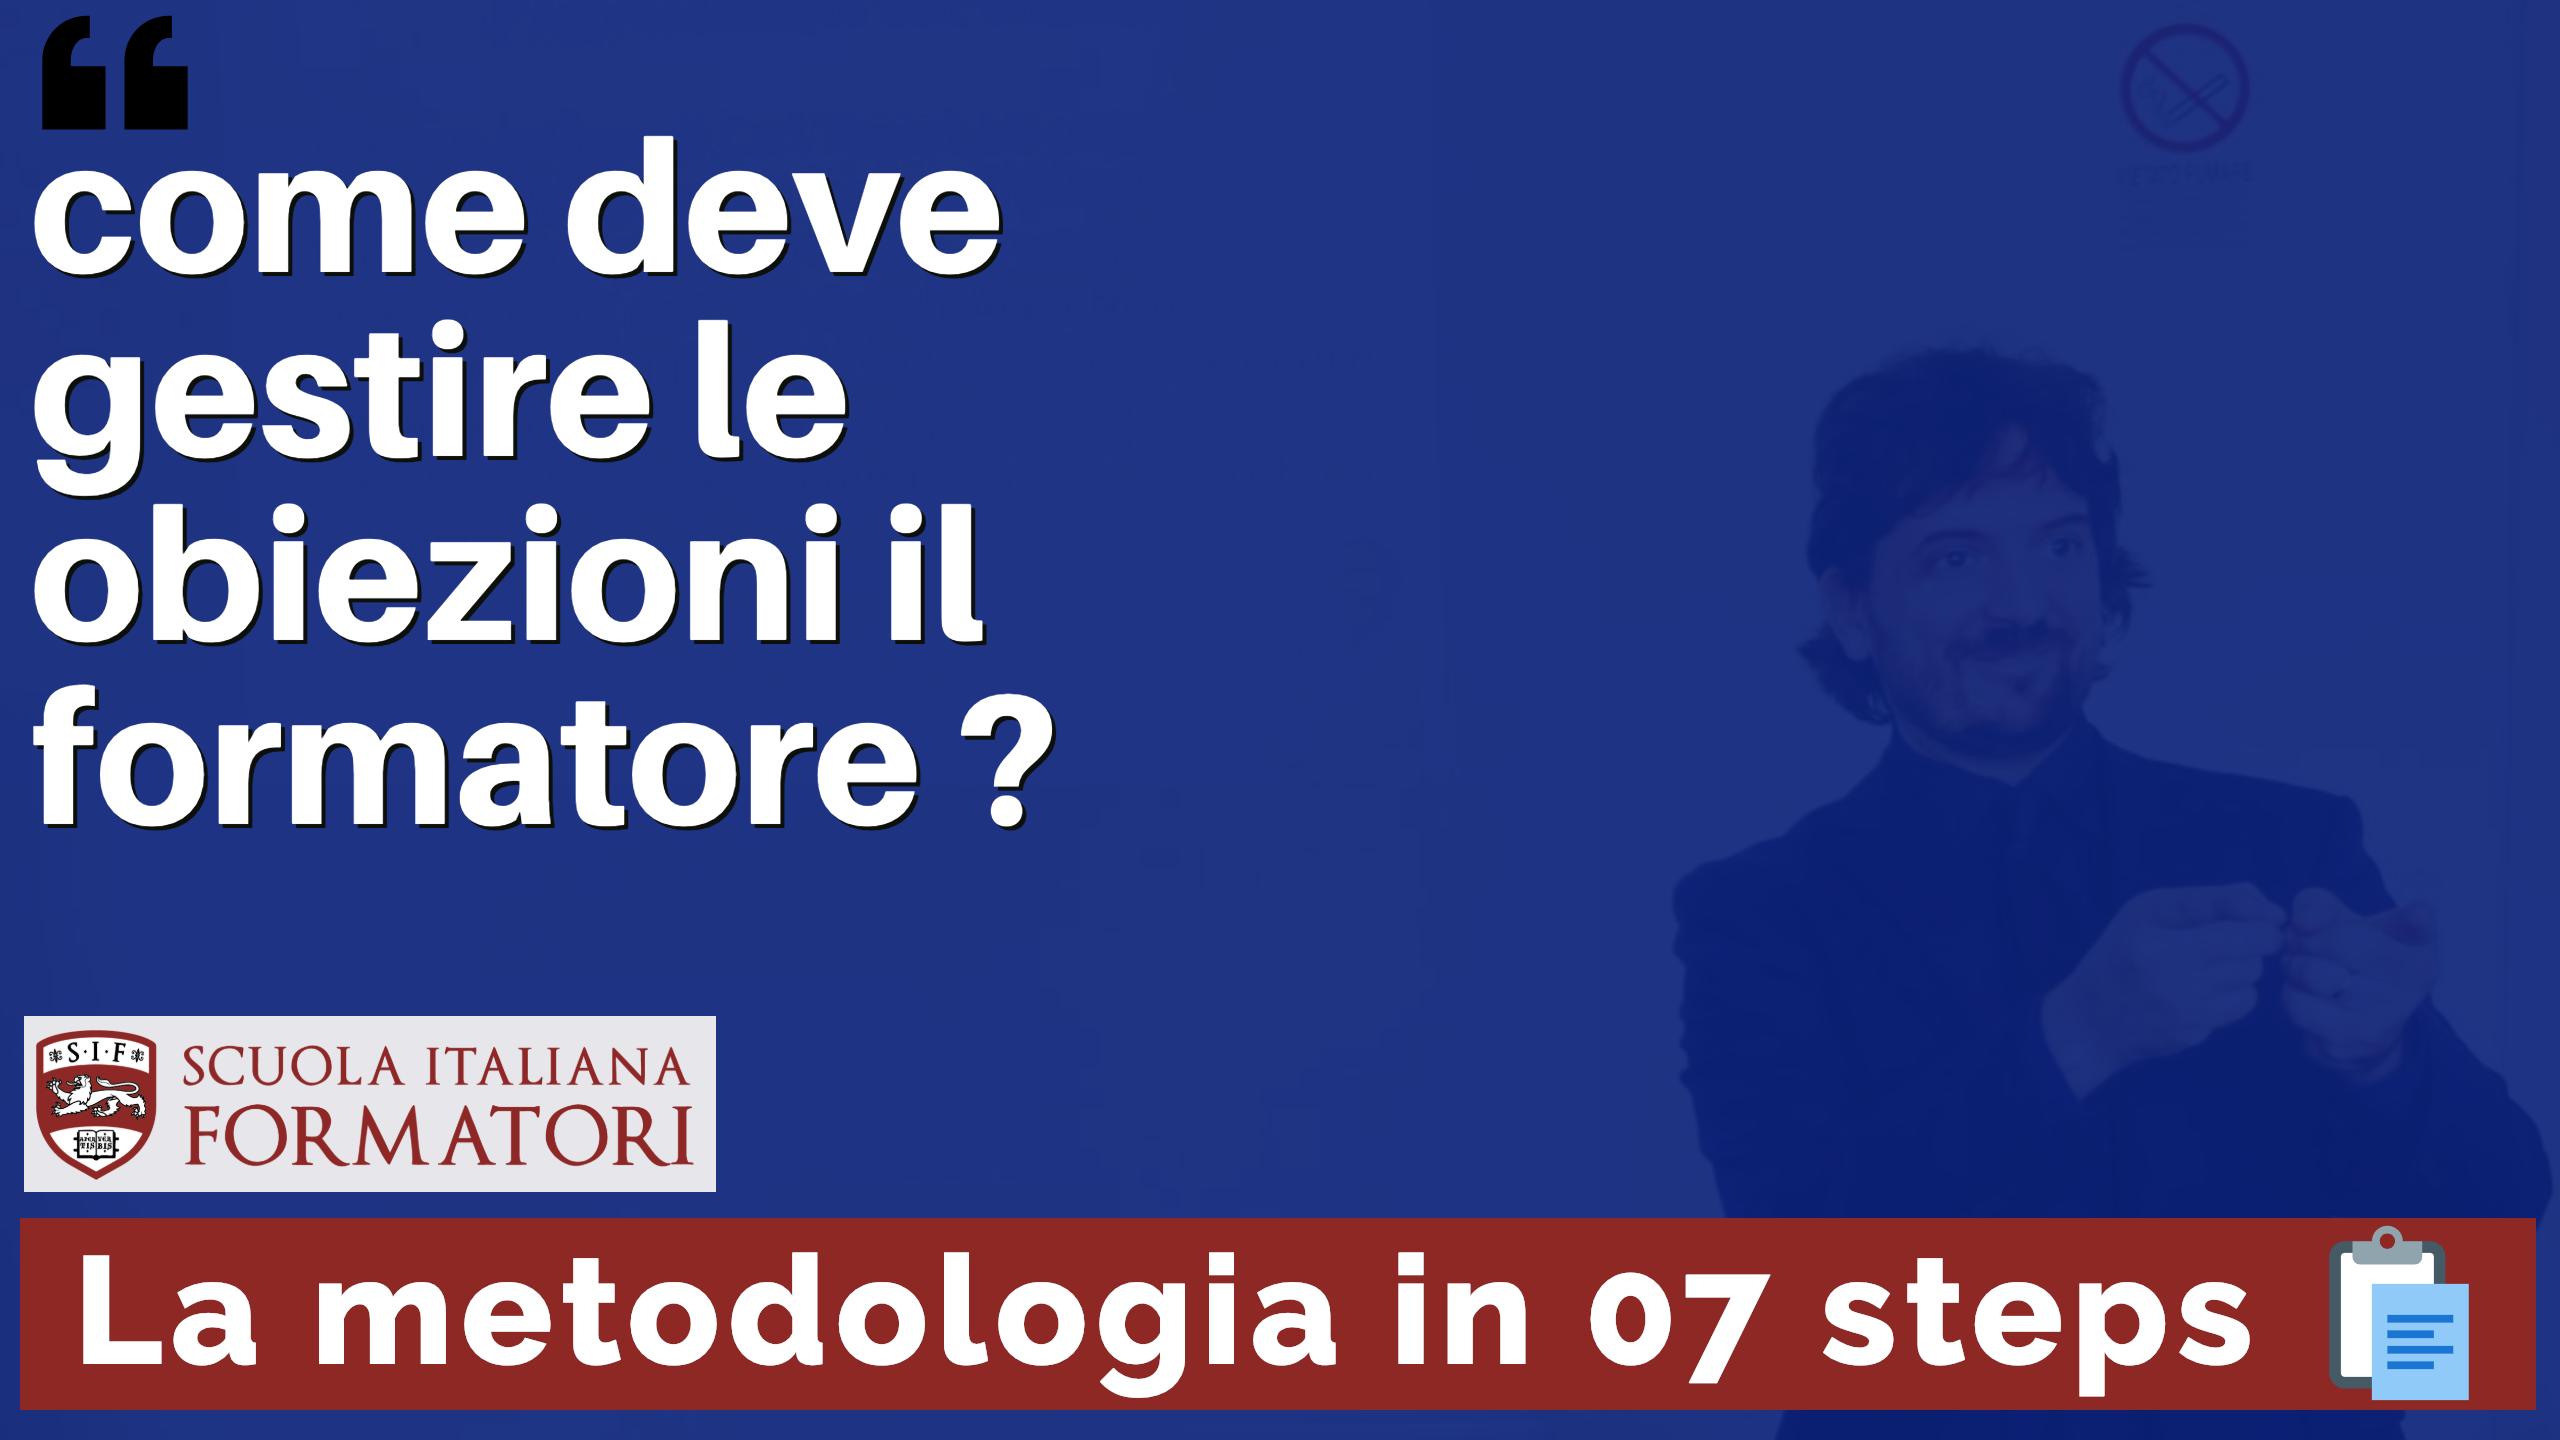 Master-Formazione-Formatori-Come-deve-gestire-le-obiezioni-il-formatore-La-metodologia-in-07-steps-SIF-Scuola-Italiana-Formatori-Roma.